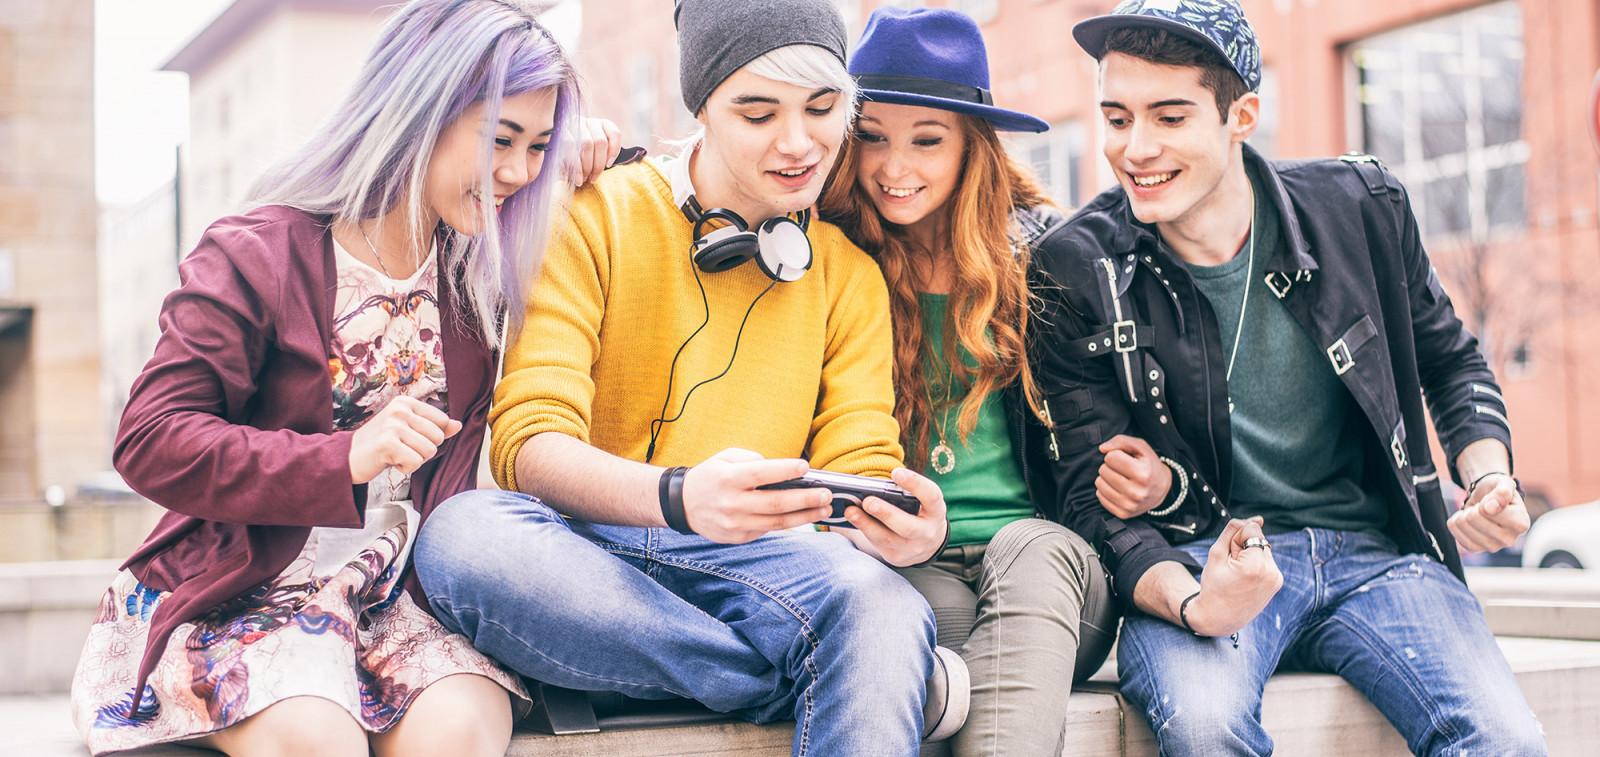 Nuoret suunnittelemassa uutta itsenäisyysjulistusta